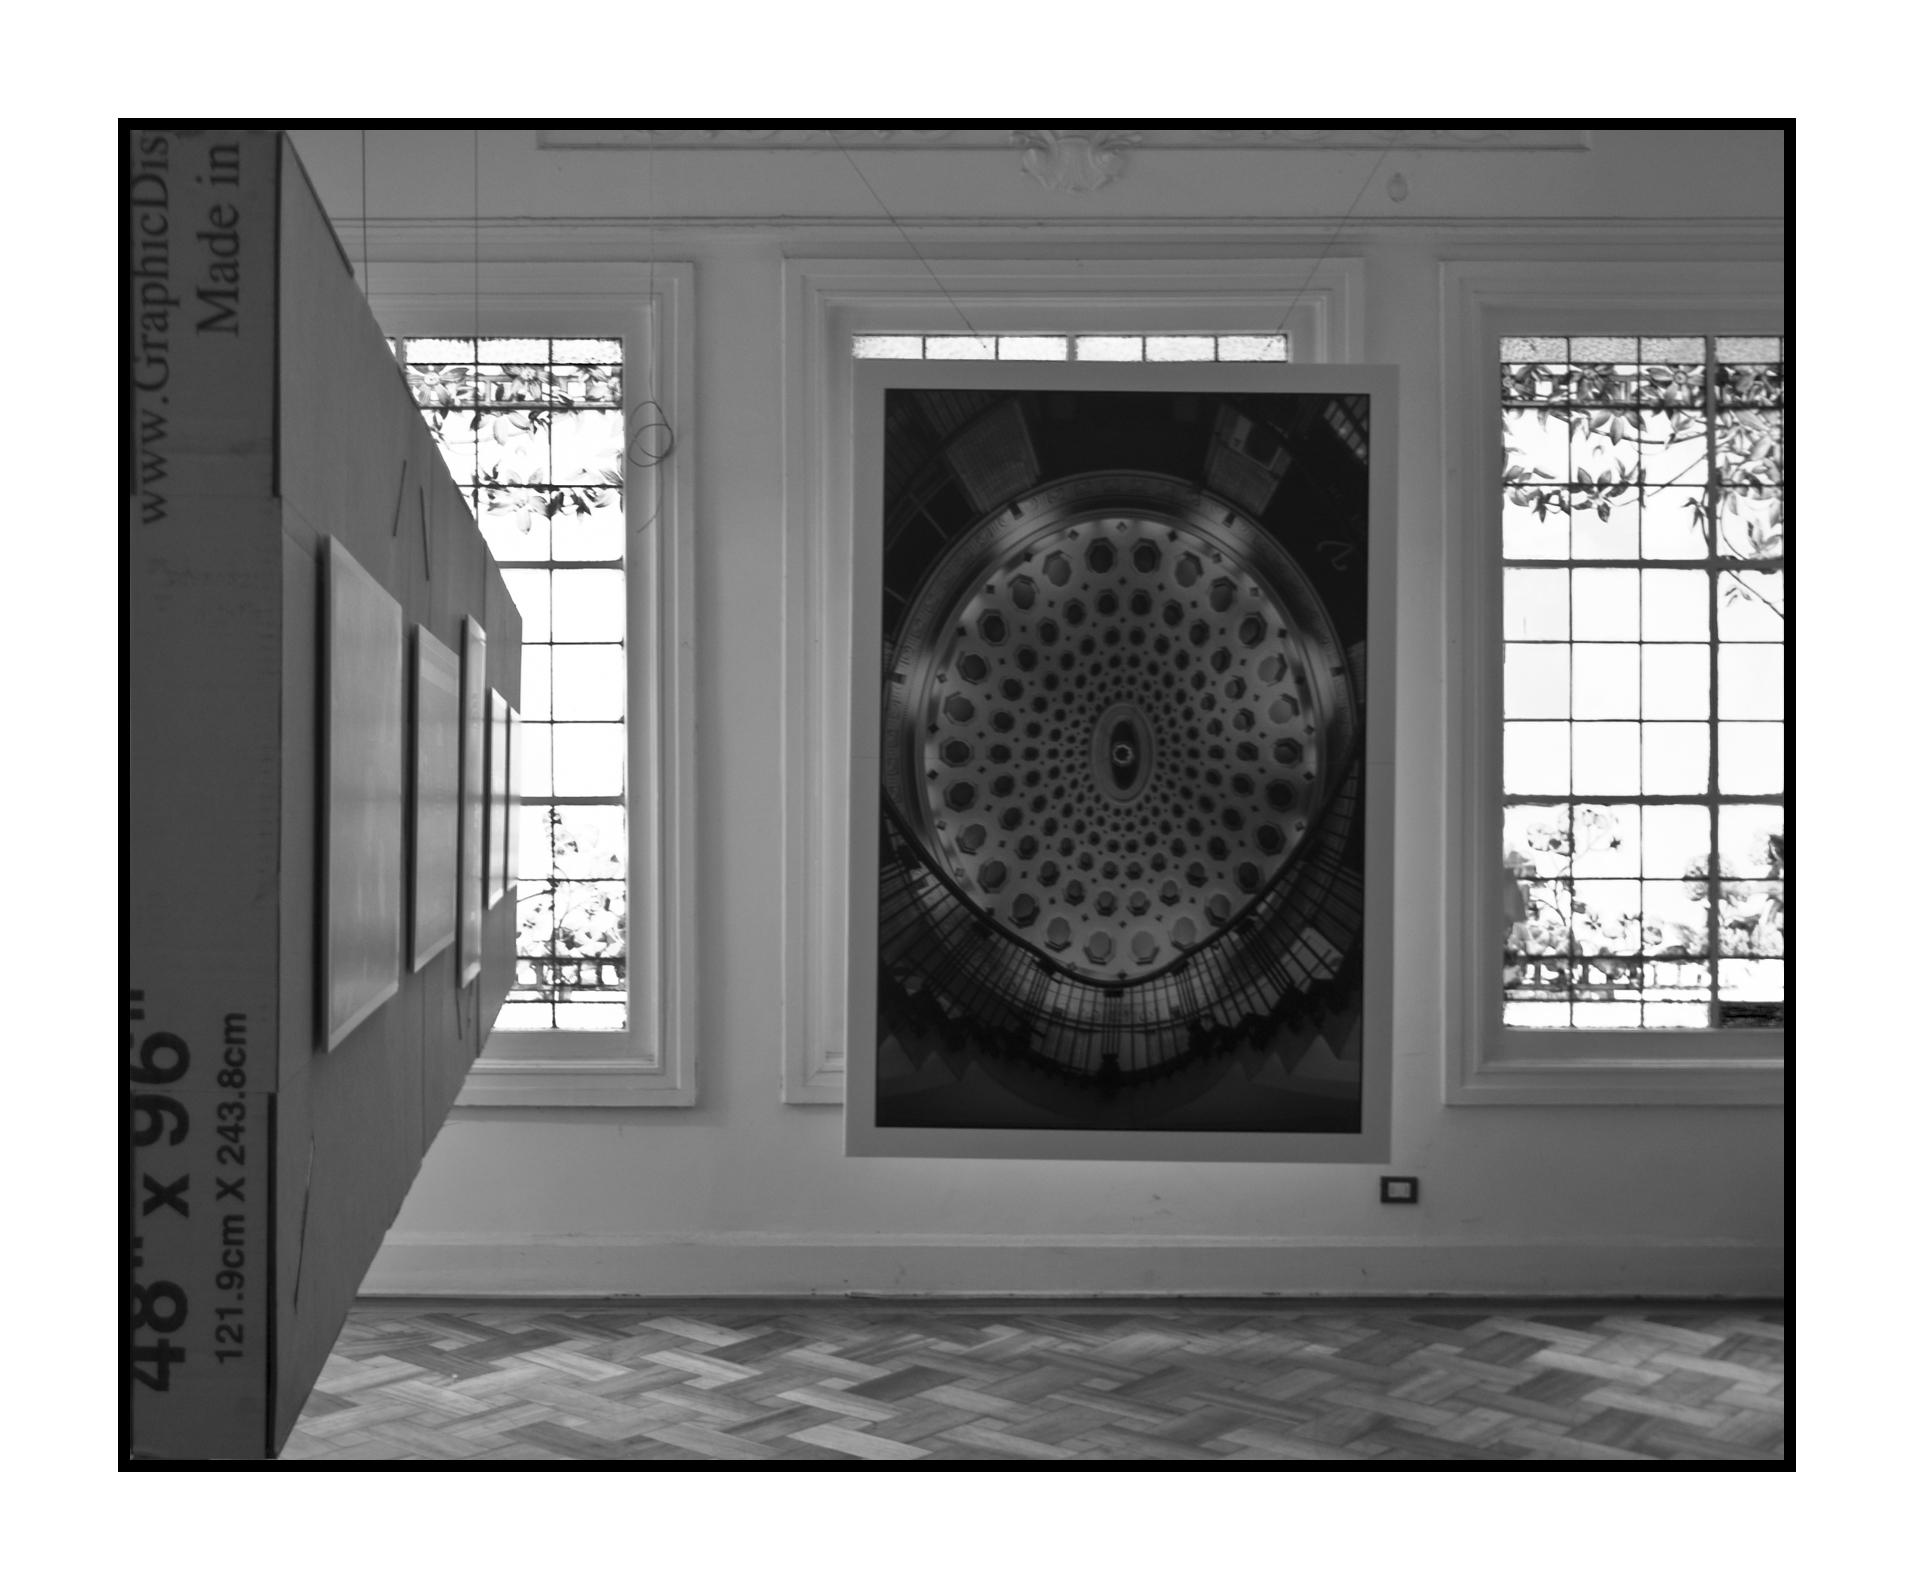 materialvisual-net_gnn20150508_210bnx.jpg